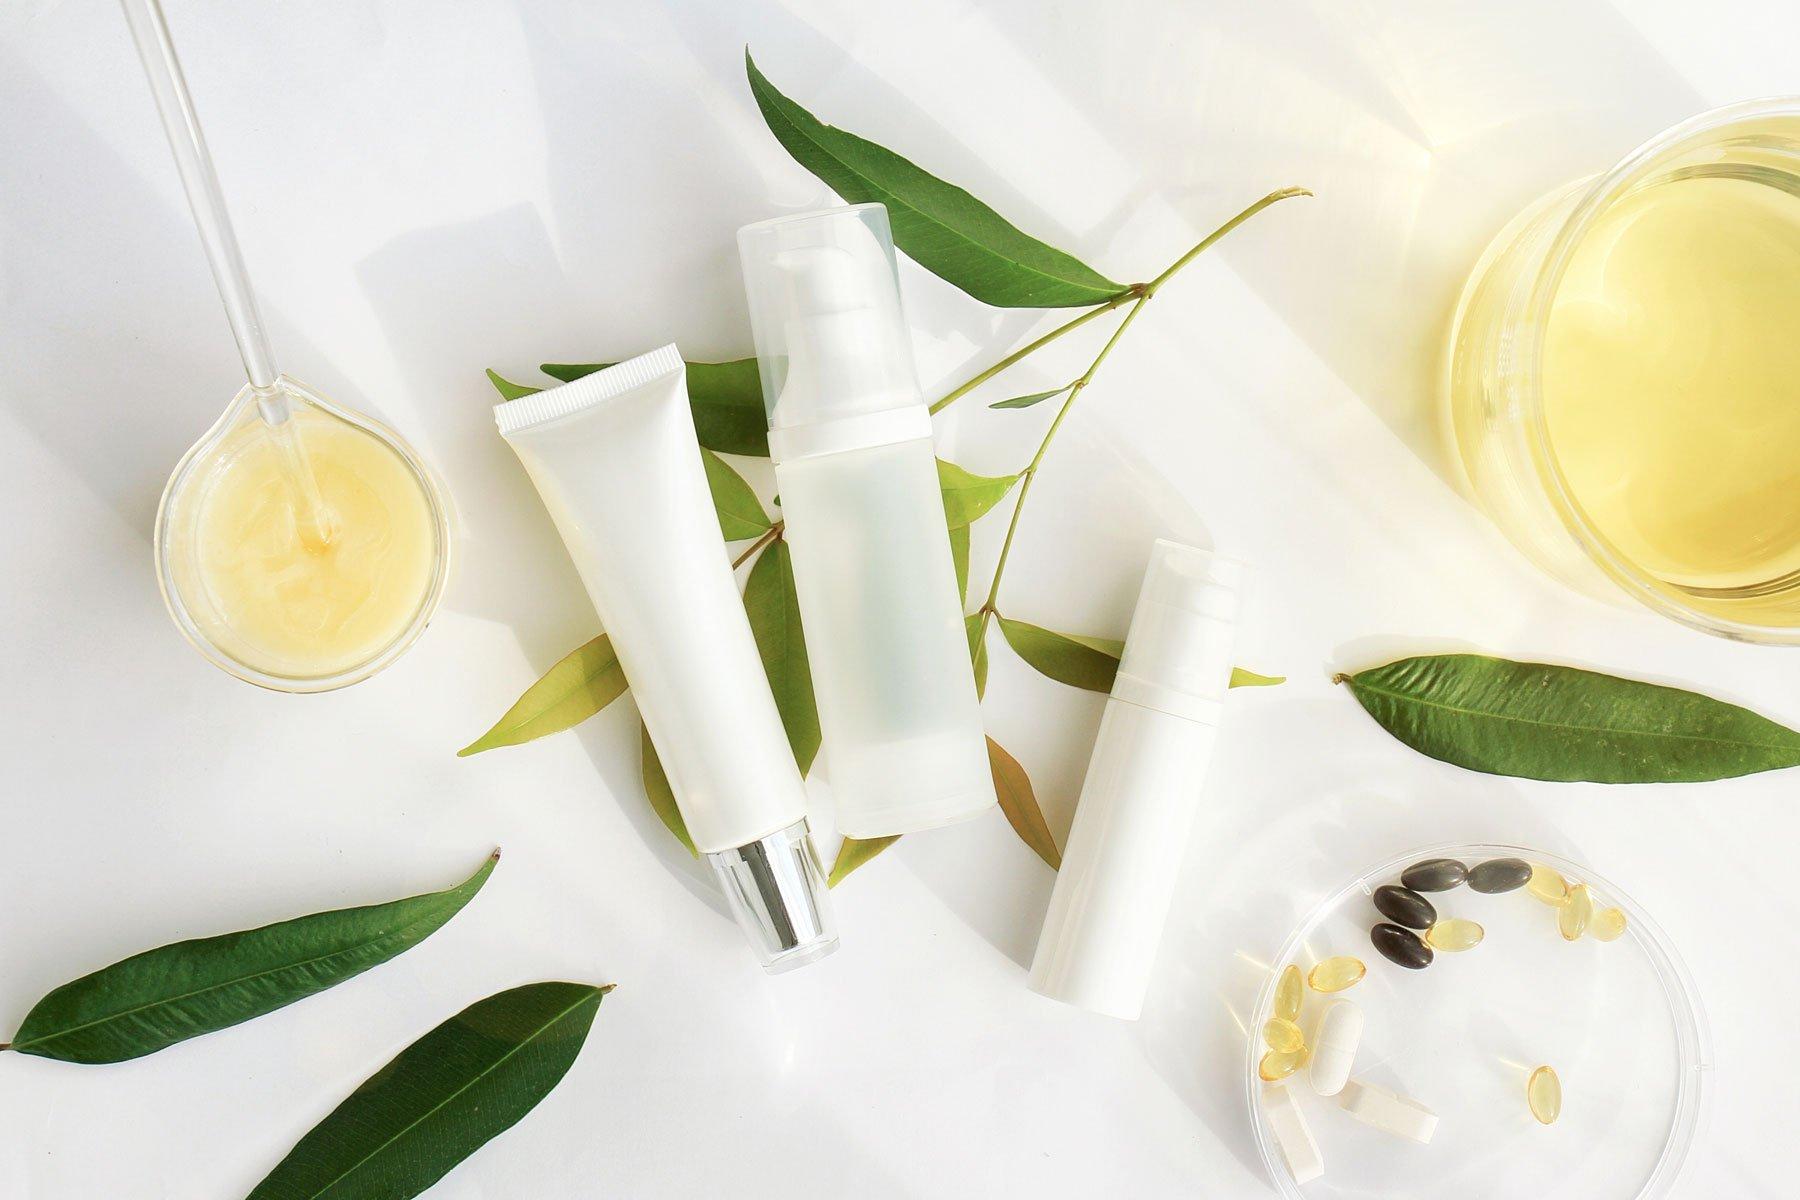 dei prodotti in tubetti bianchi e delle foglie